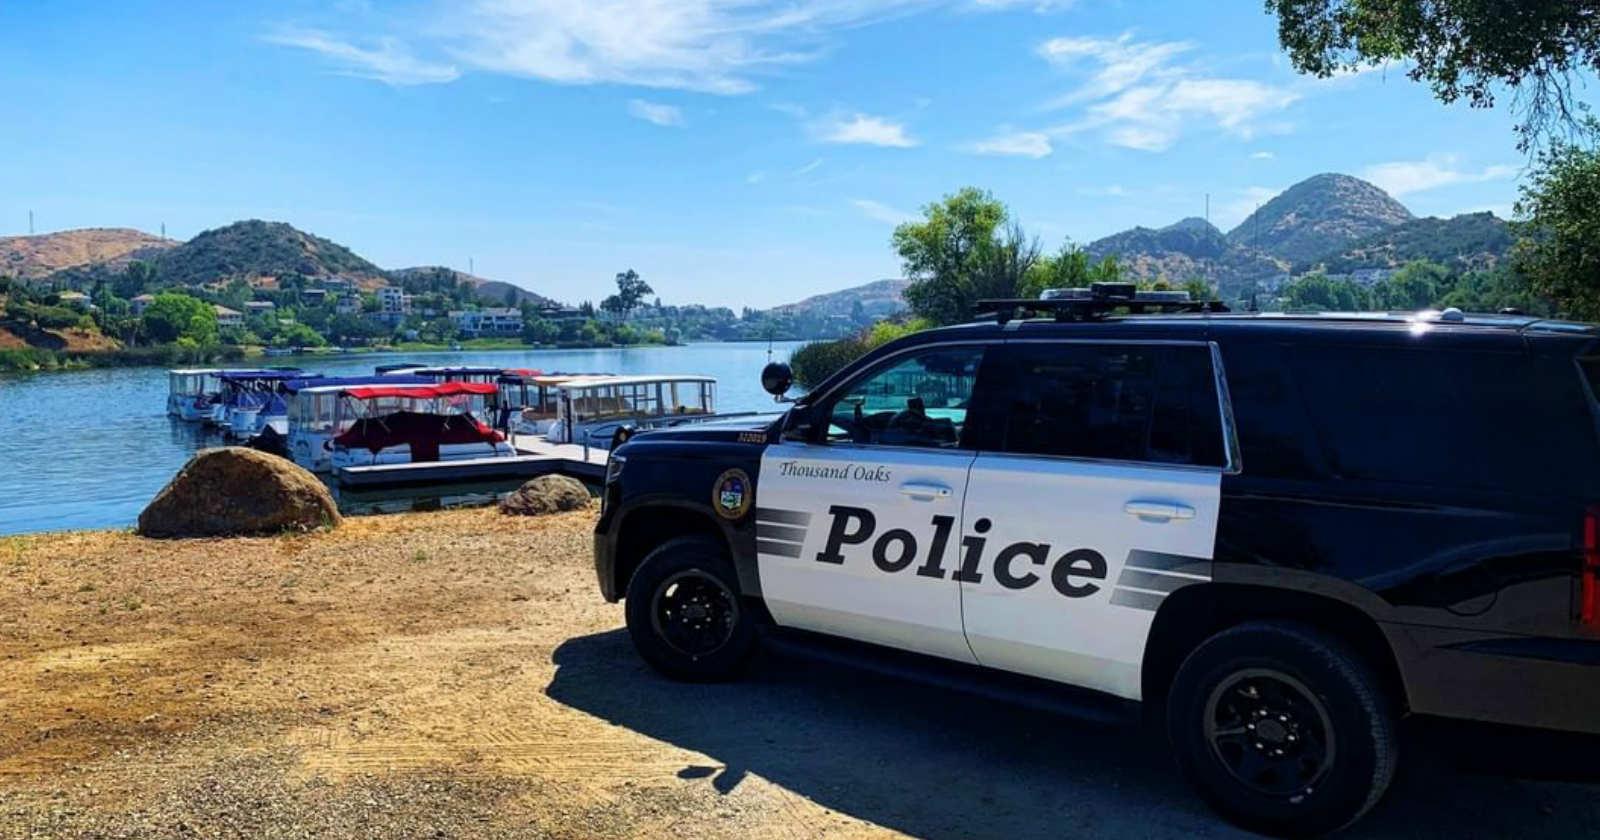 Policía confirma el hallazgo de un cuerpo en el lago Piru: podría tratarse de Naya Rivera